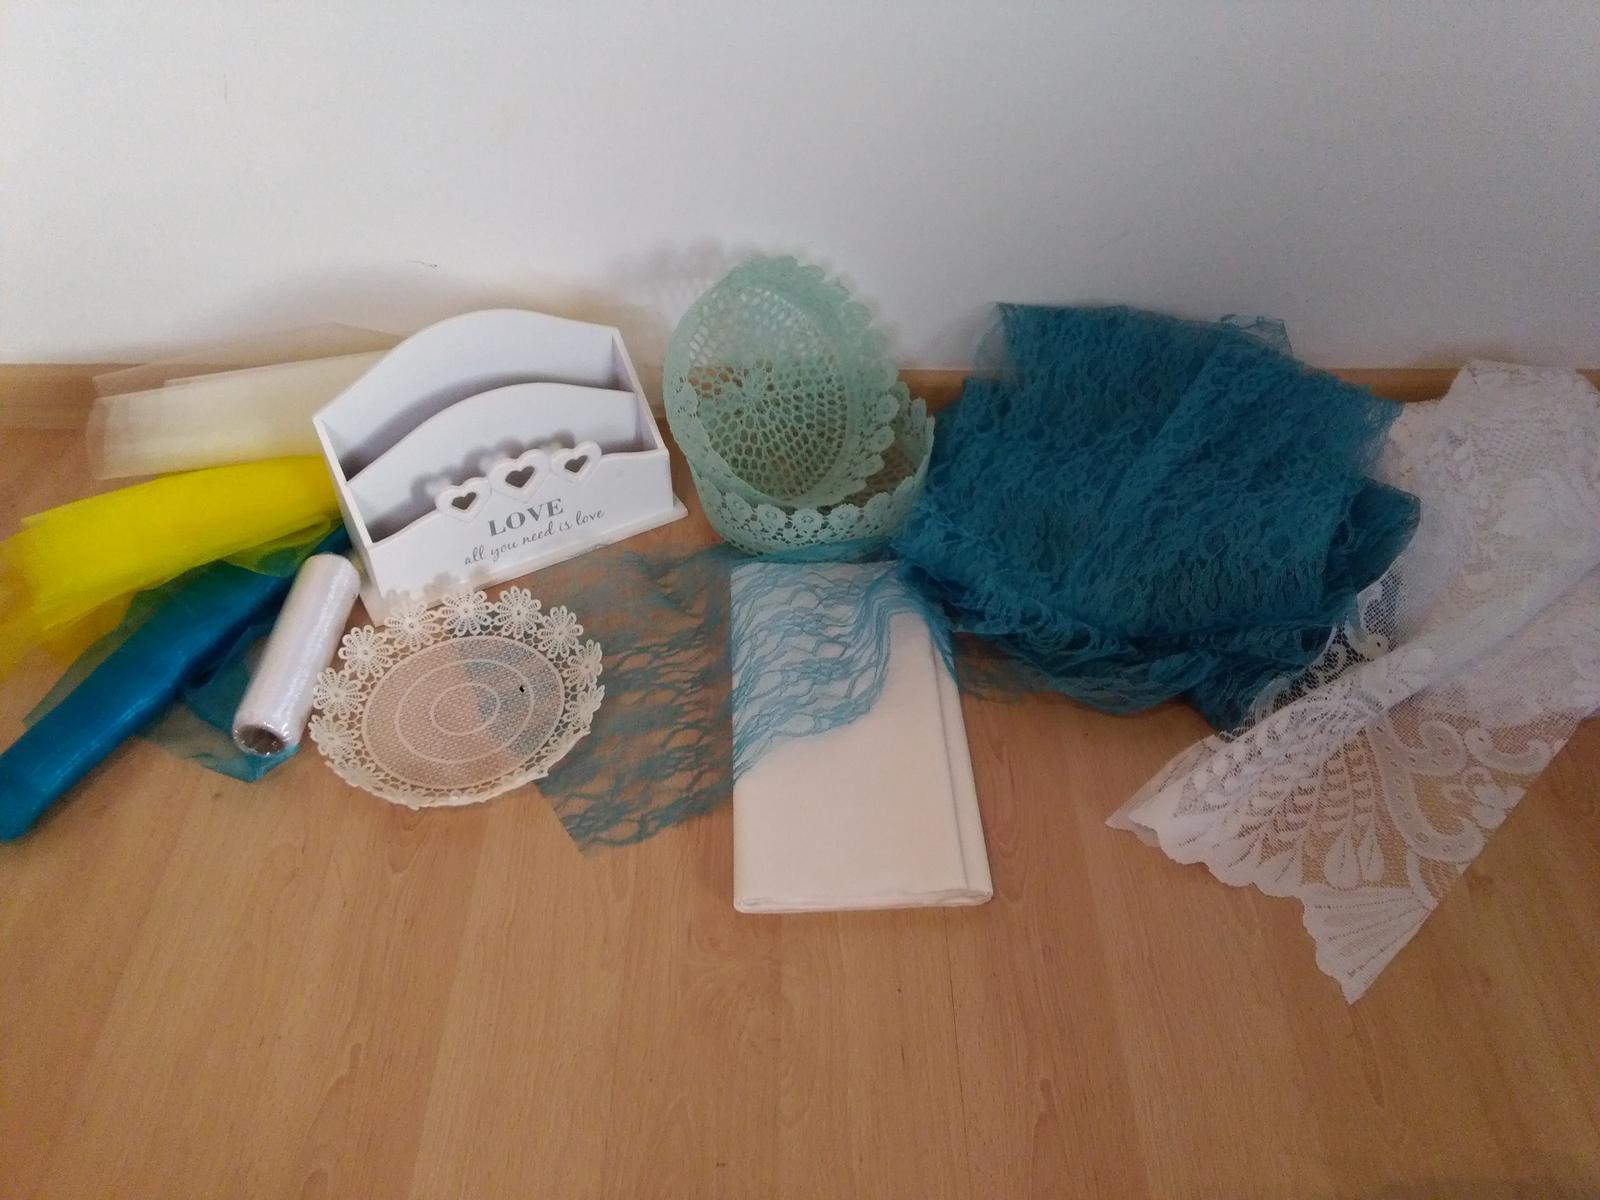 MIX dekorací na stolování - Obrázek č. 1